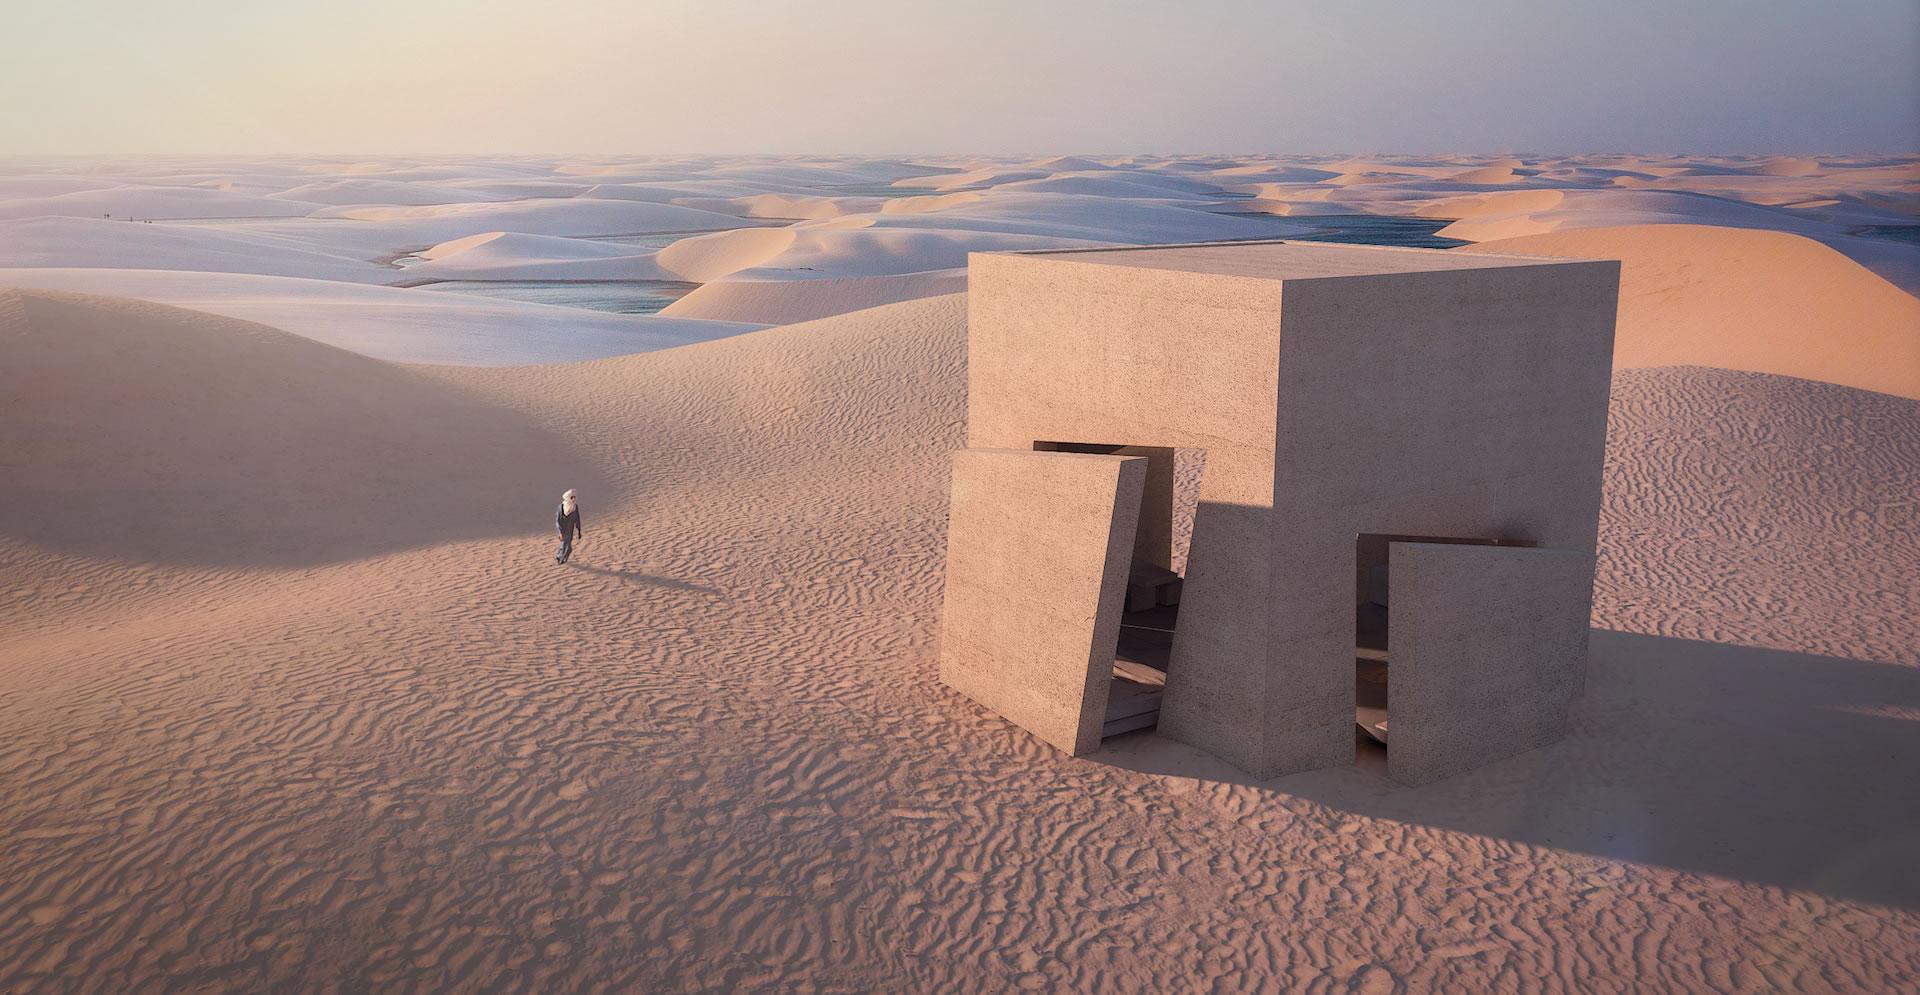 christophe-benichou-architectures-sesame-desert-01